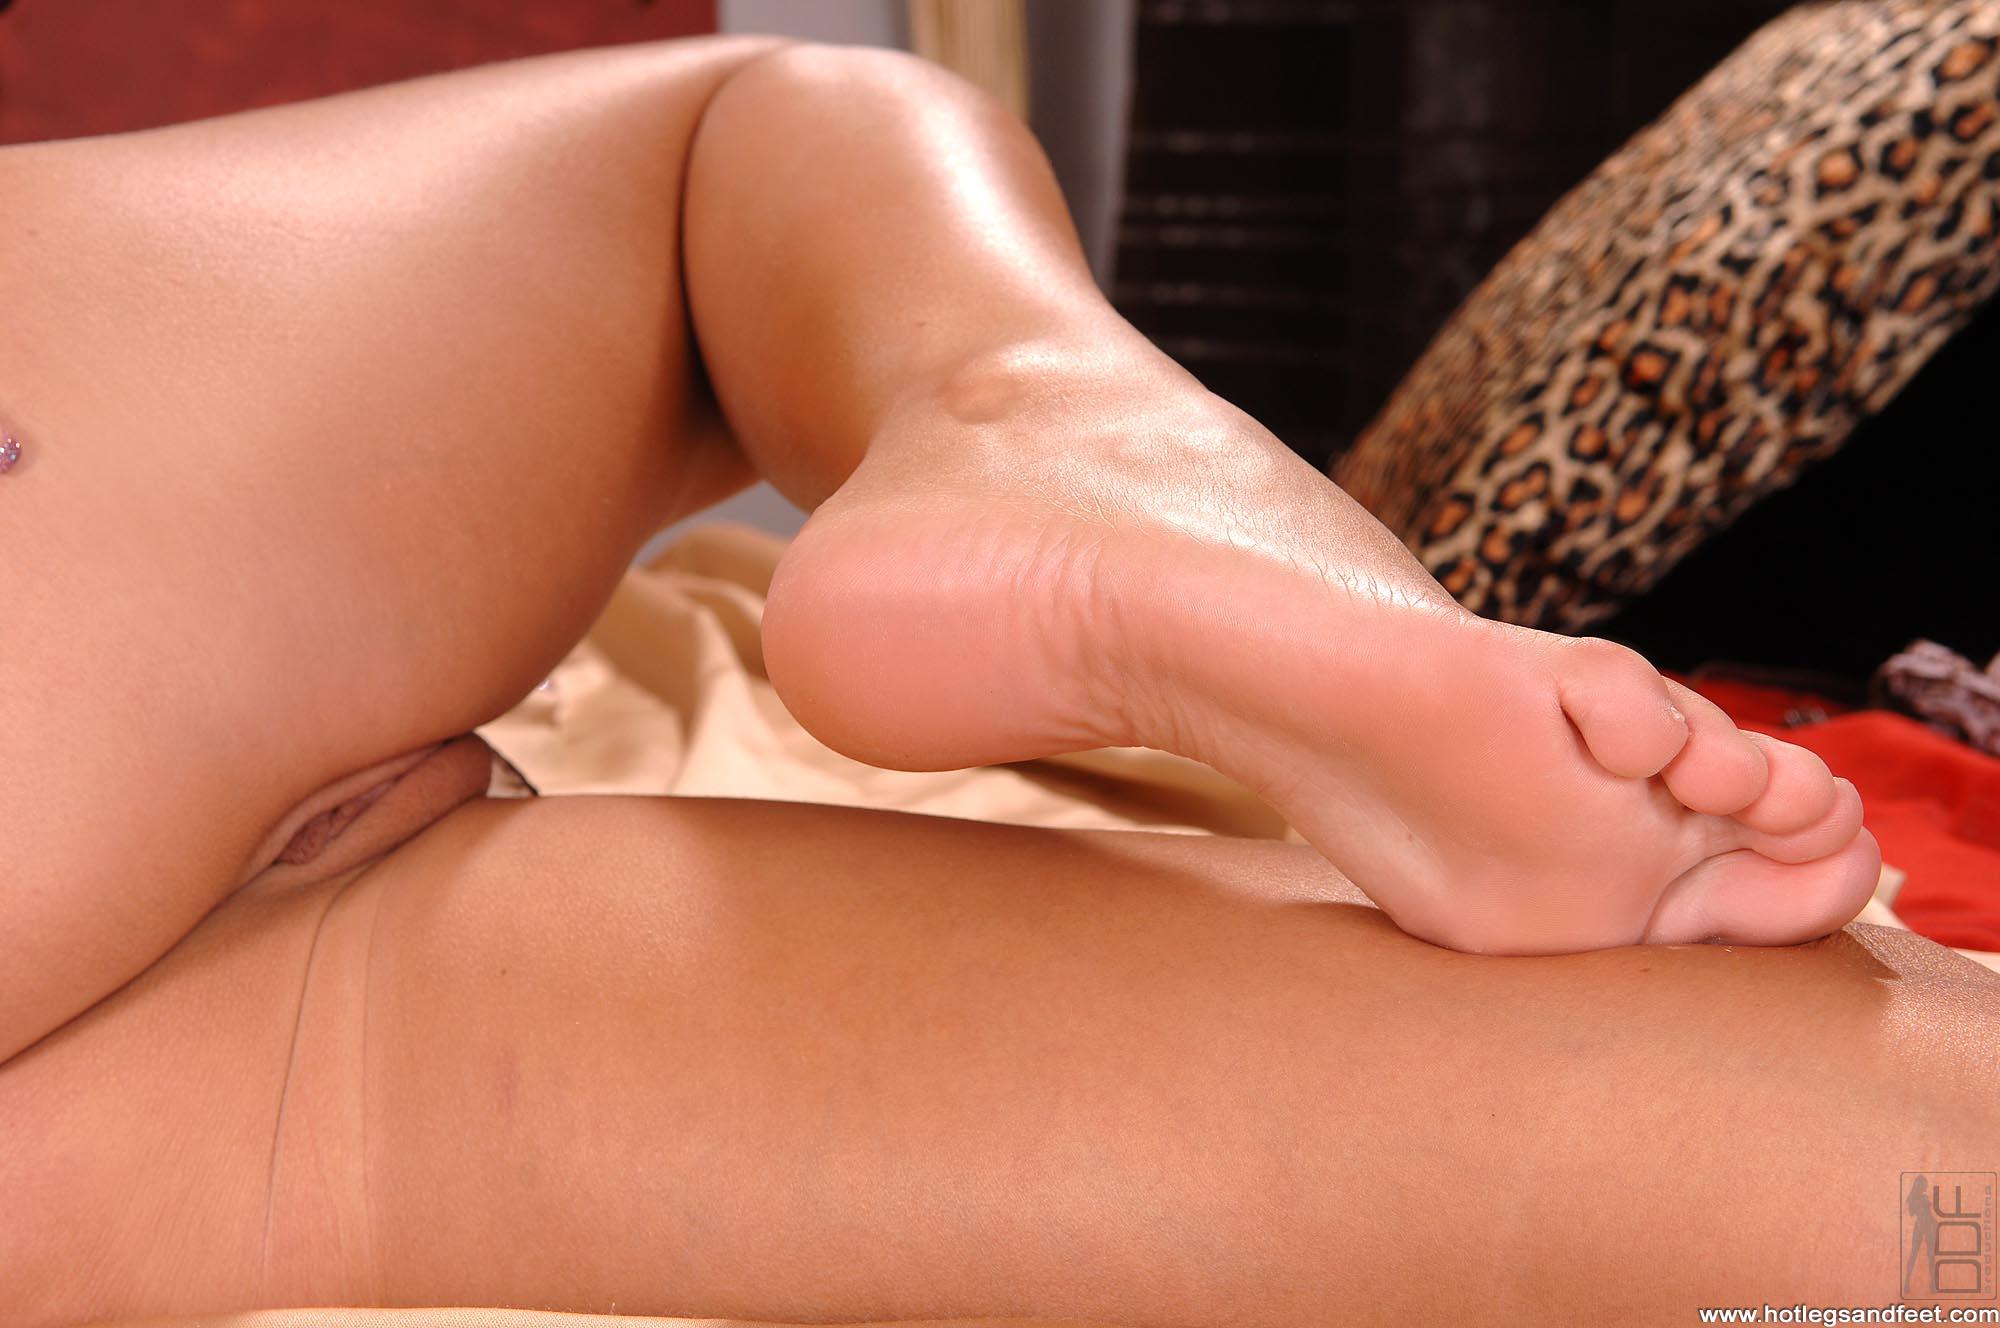 Порно с женскими ступнями